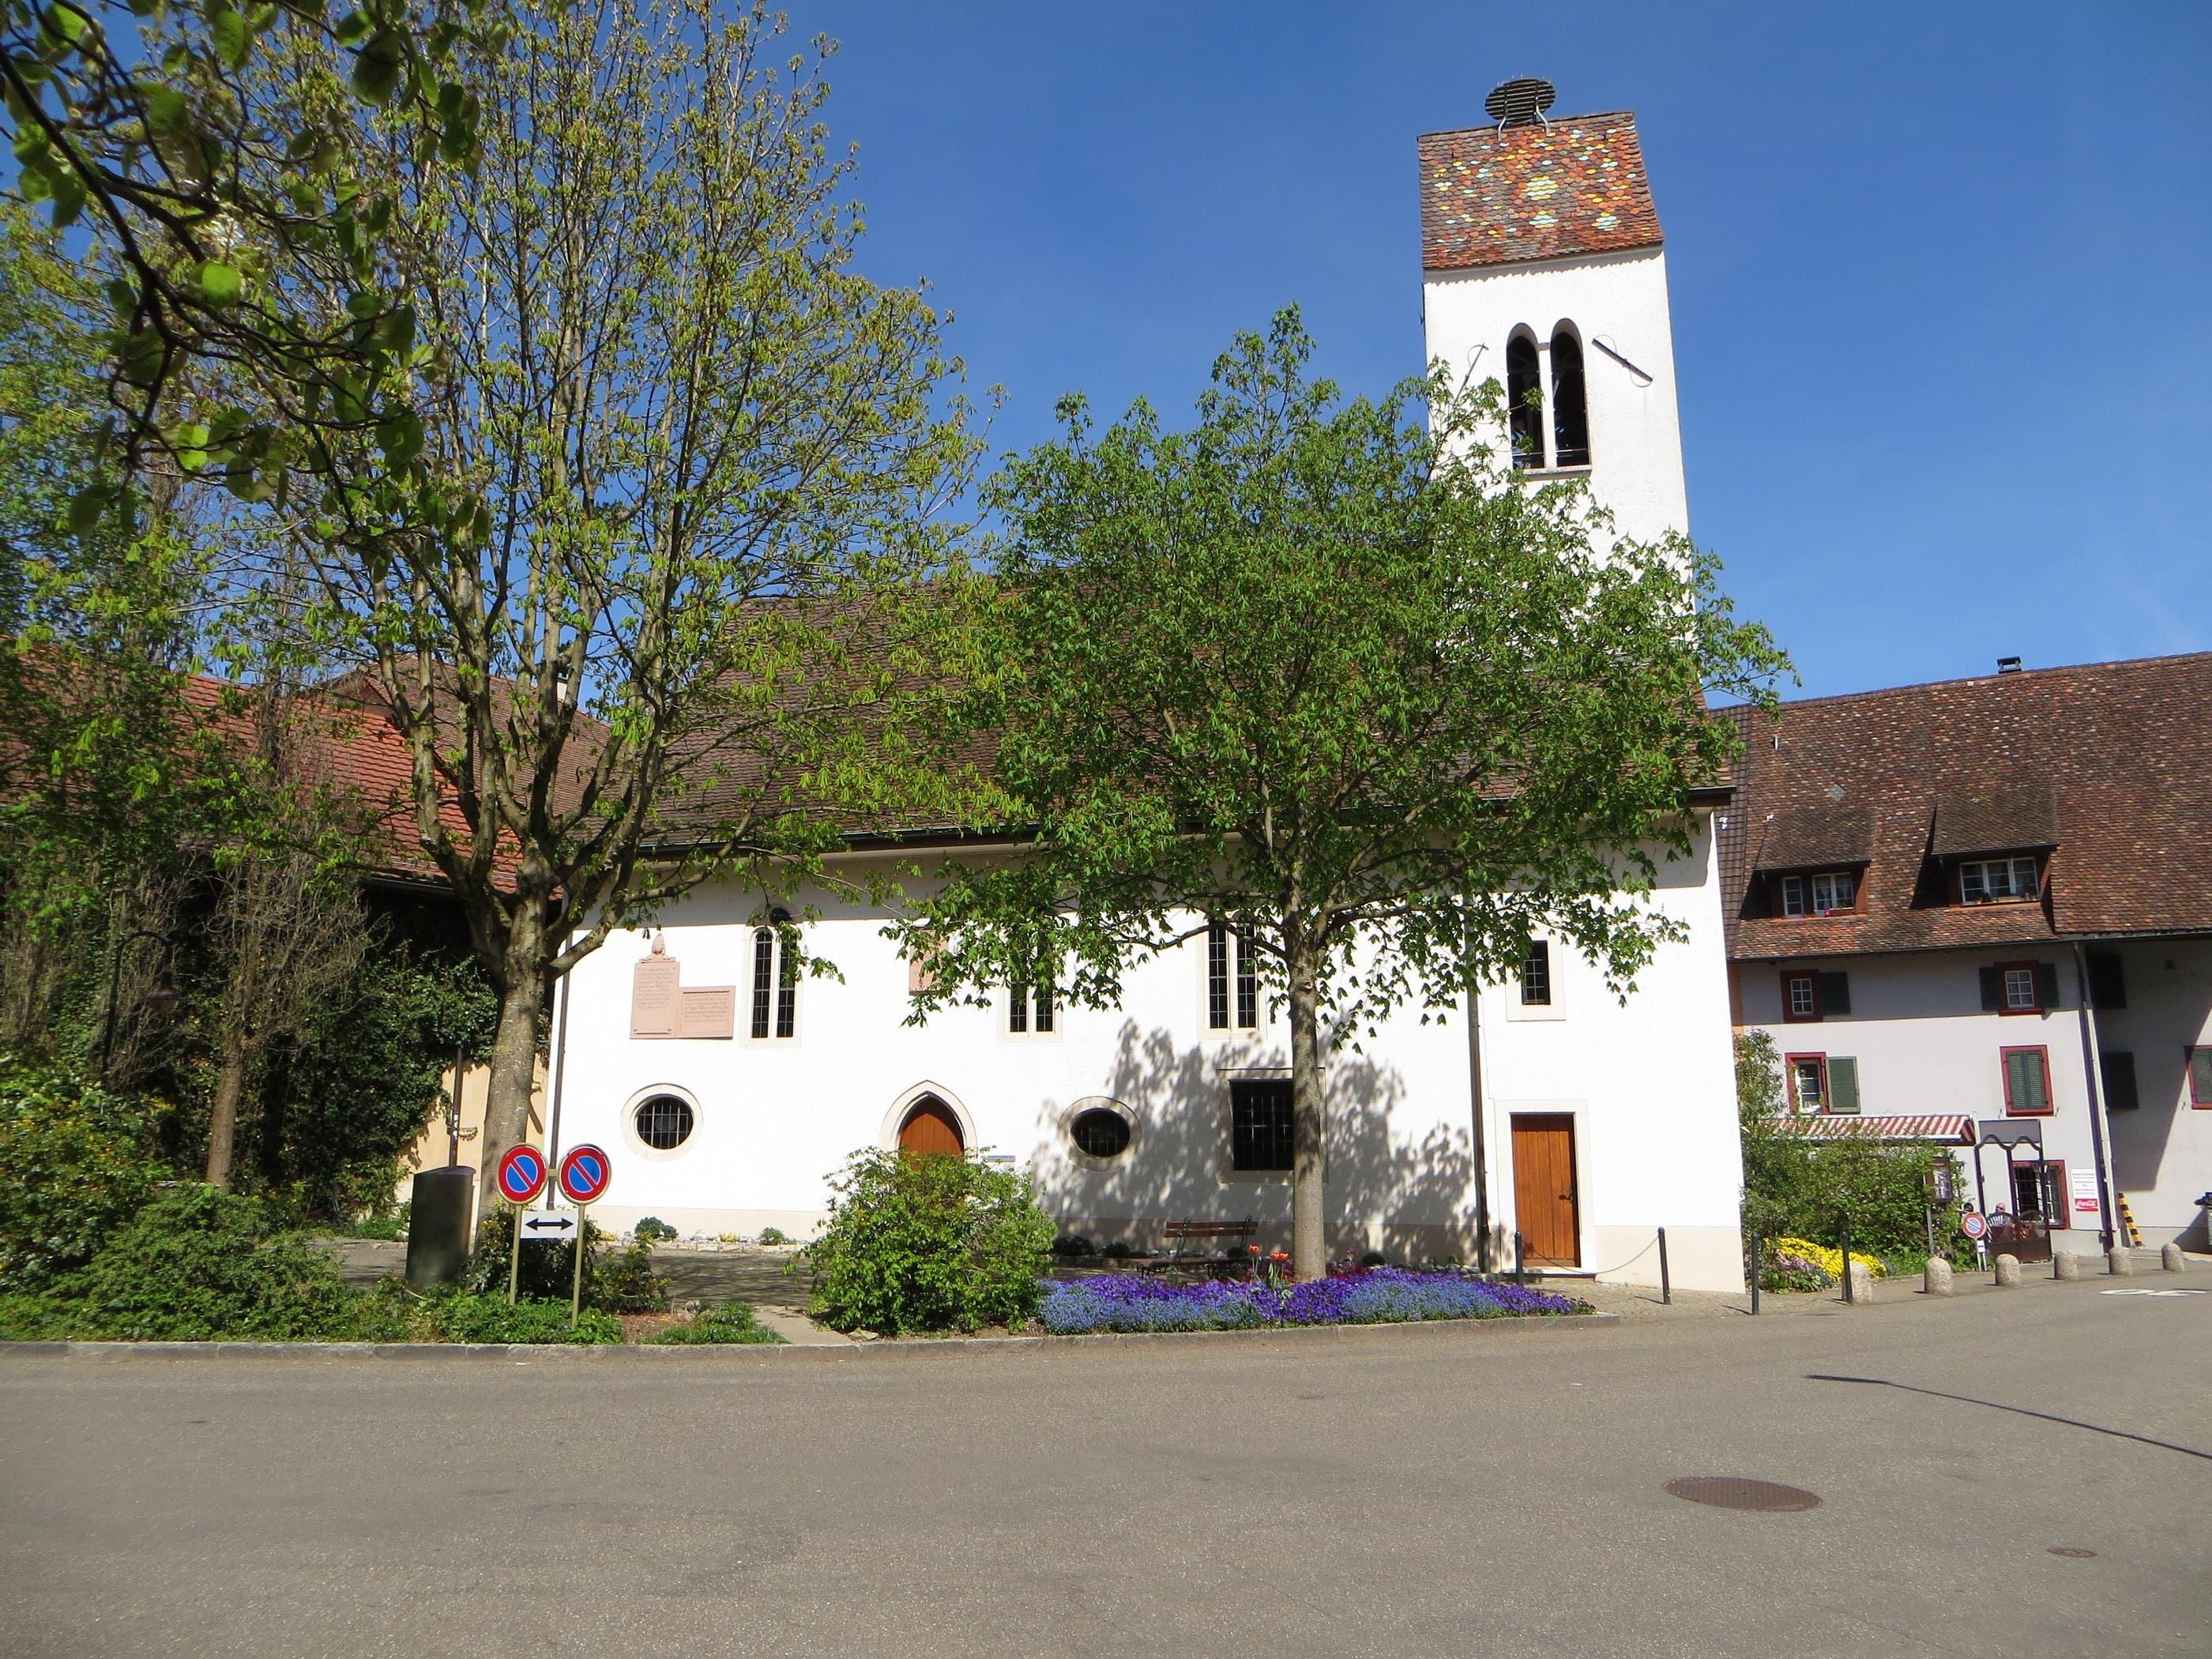 IMG_1417.JPG Die reformierte Kirche in Frenkendorf, gleich neben dem Restaurant Schlüssel. Nach dem Kirchgang früher die Diskussion in der Beiz. Das war früher ganz normal.